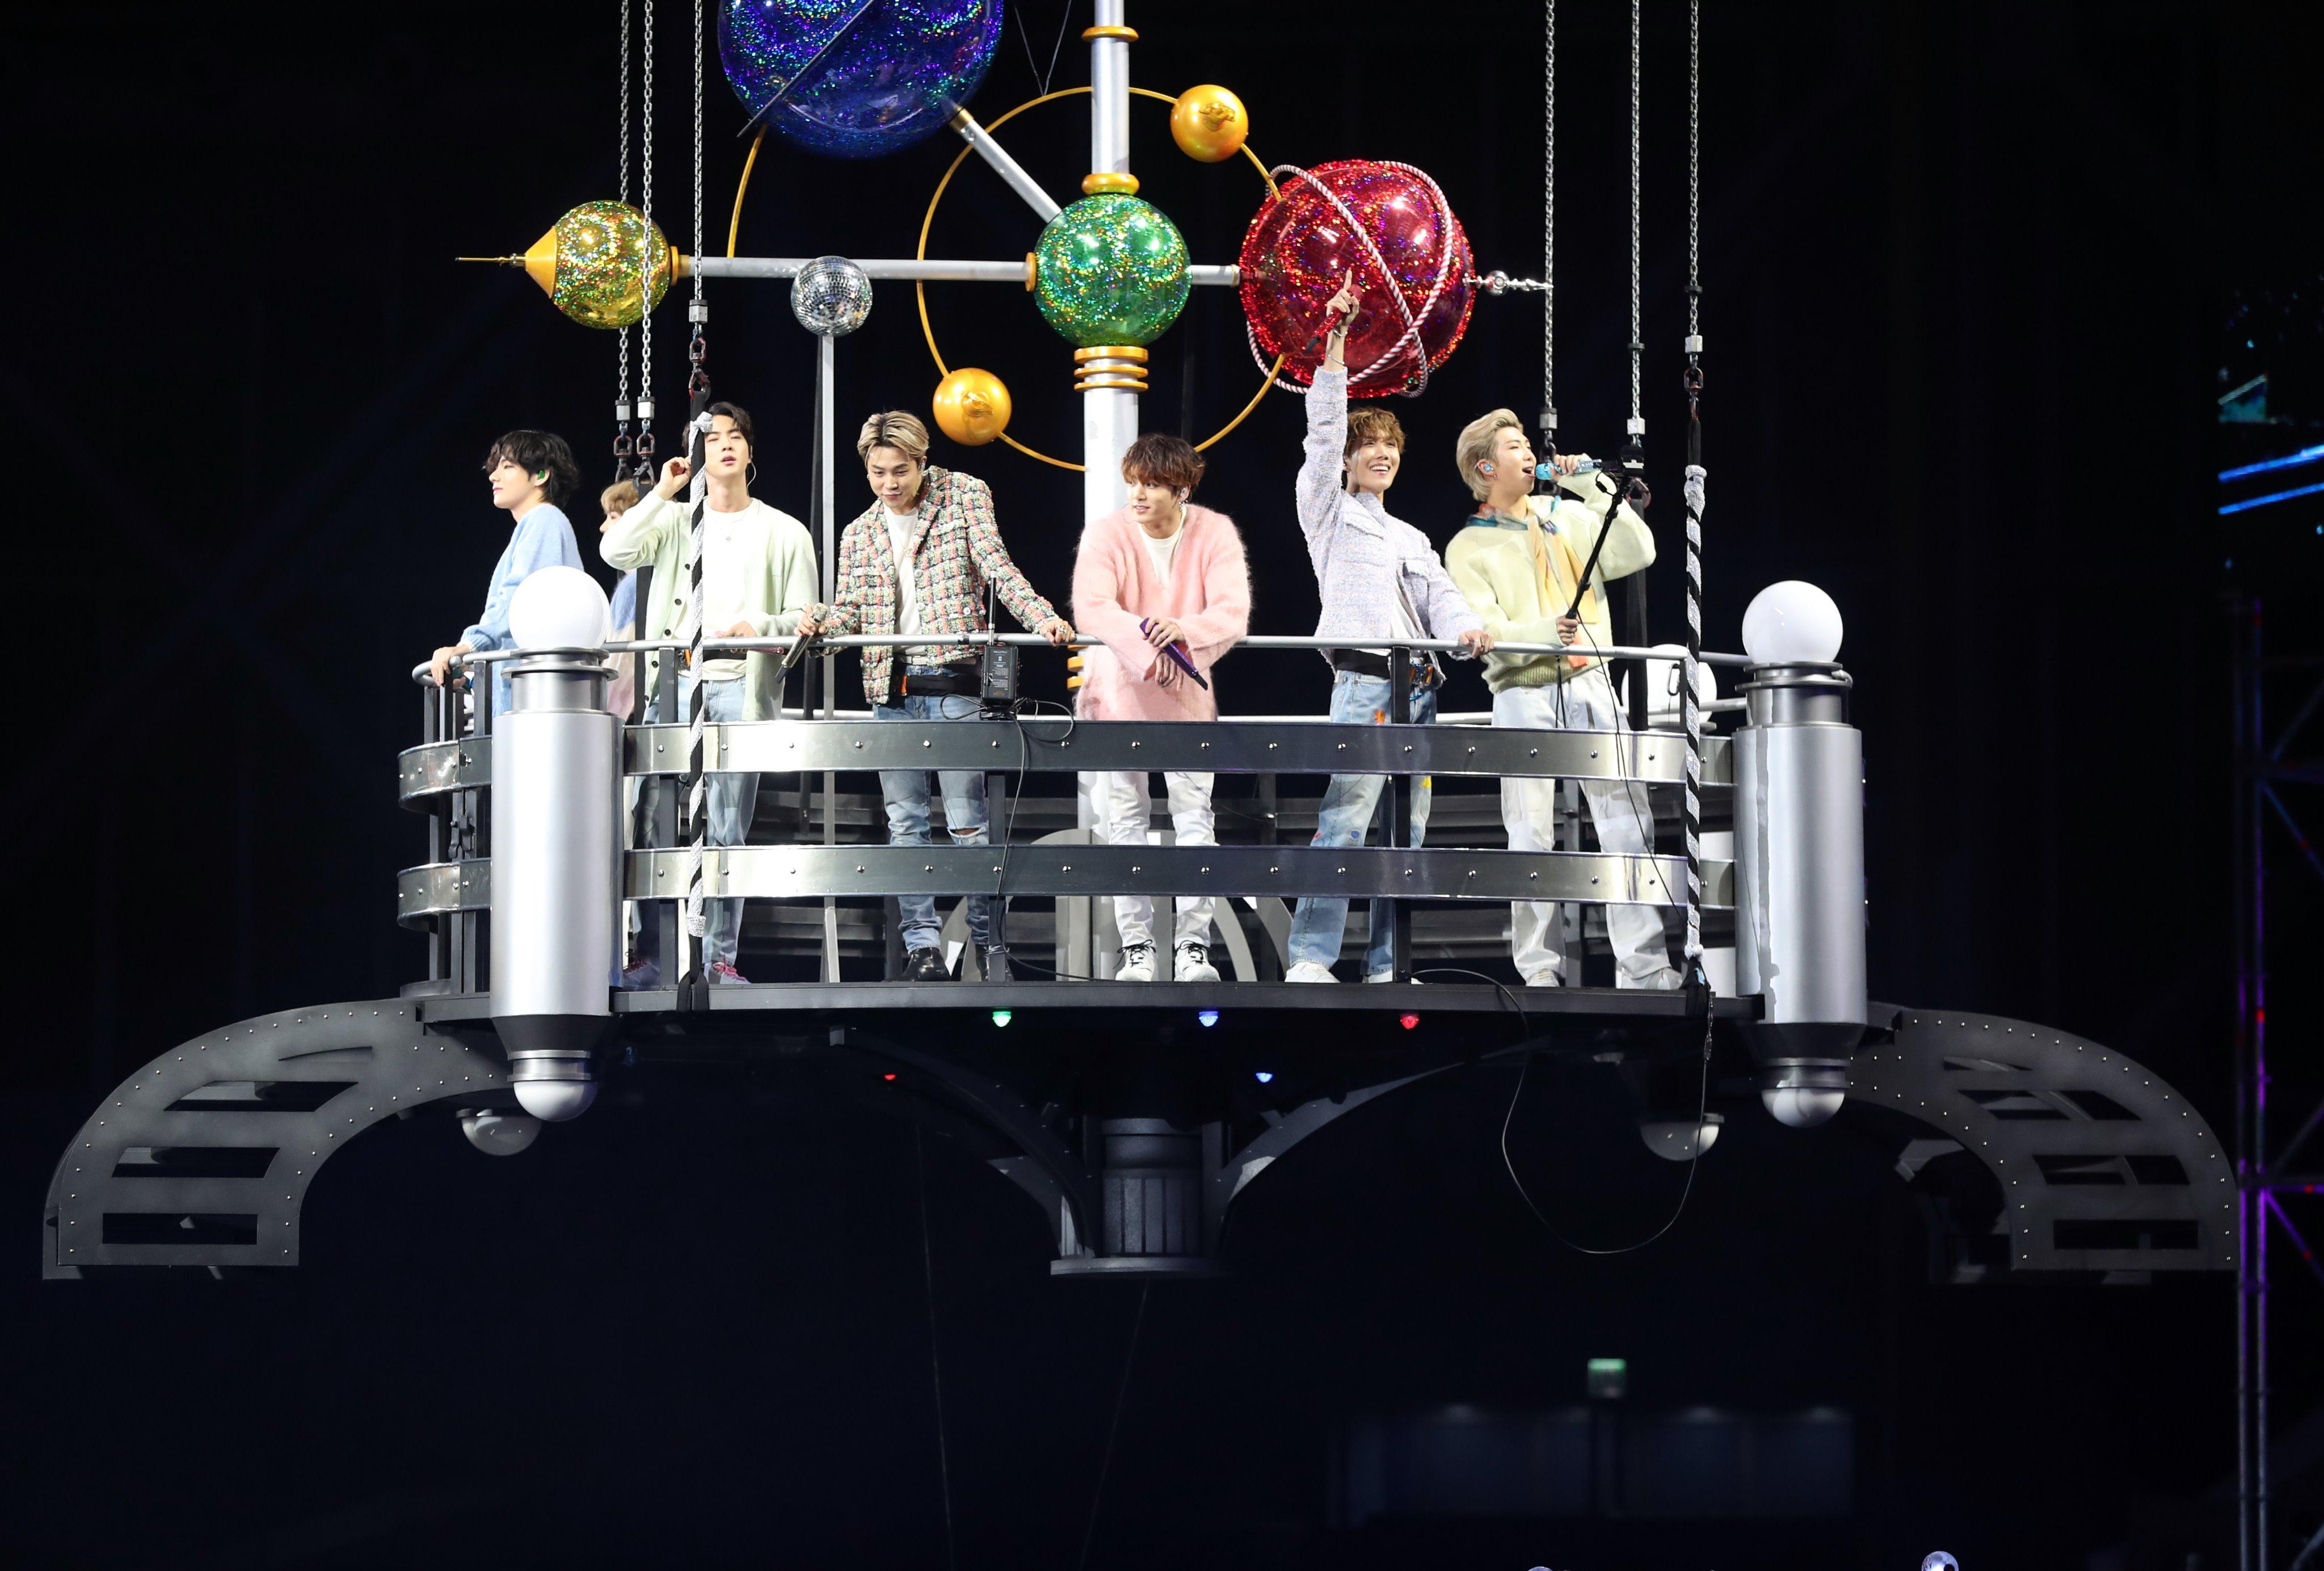 BTS Menang Daesang untuk Best Physical Album (Album of The Year) di Golden Disc Awards (GDA) ke-34 Hari Kedua, Cetak Sejarah Baru!